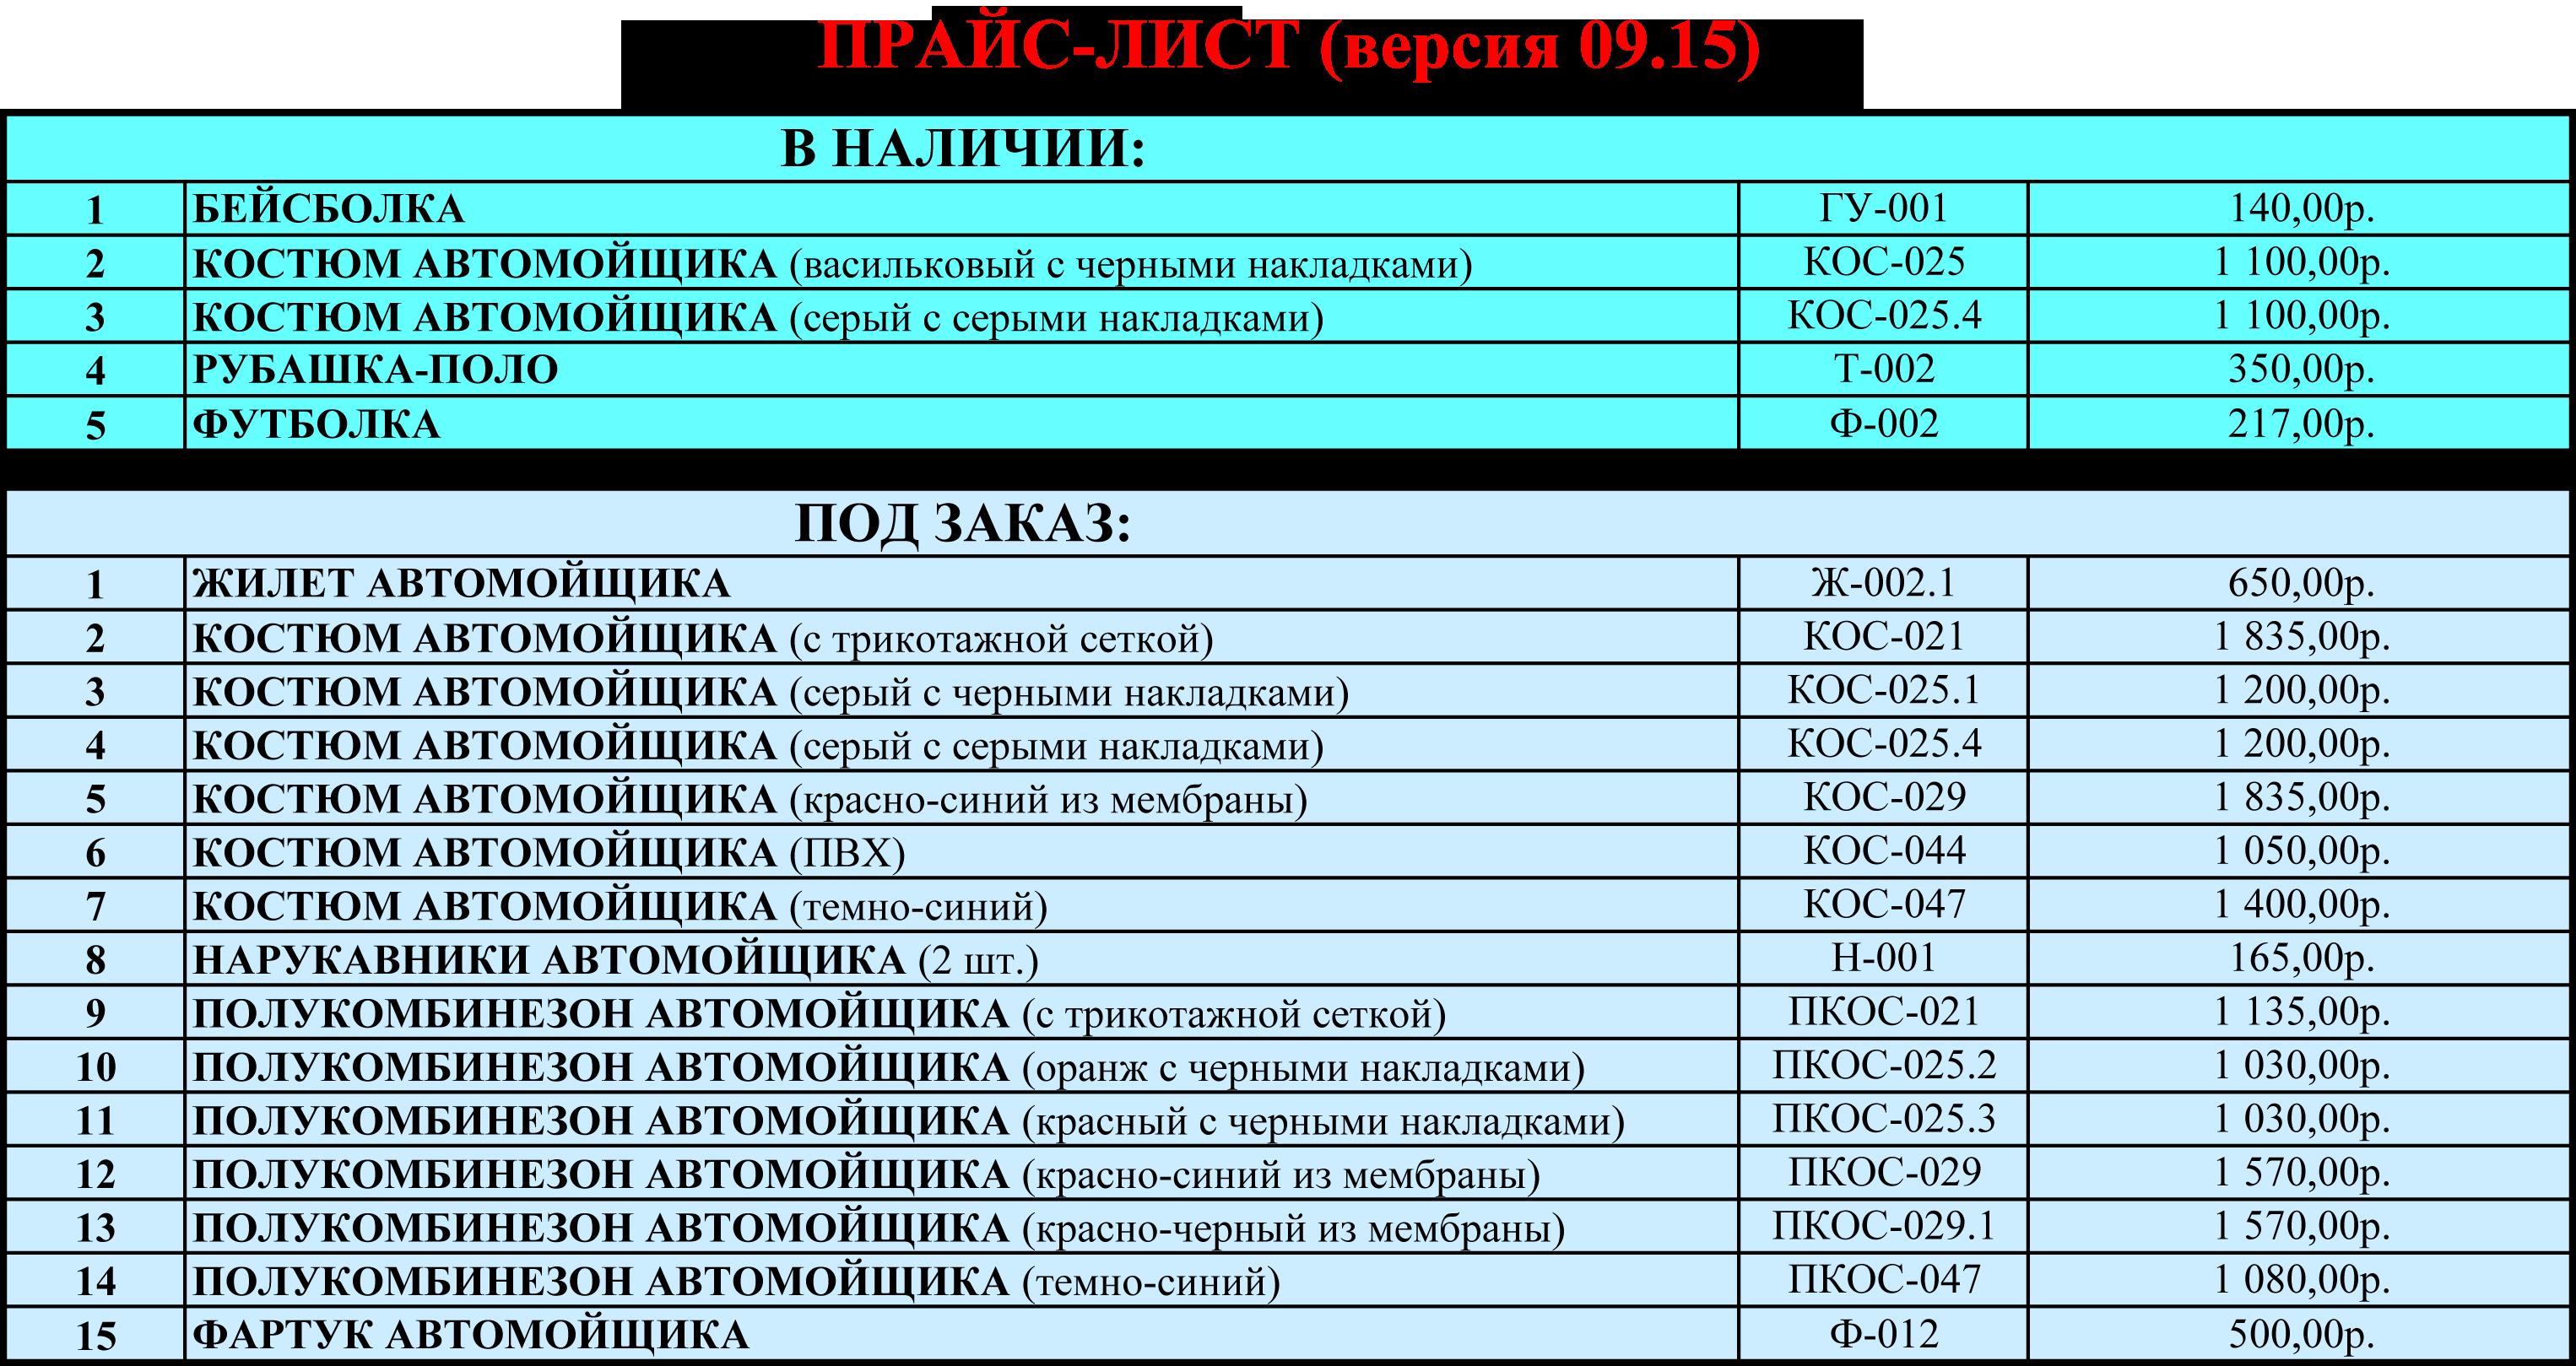 ПРАЙС__09.15_.png